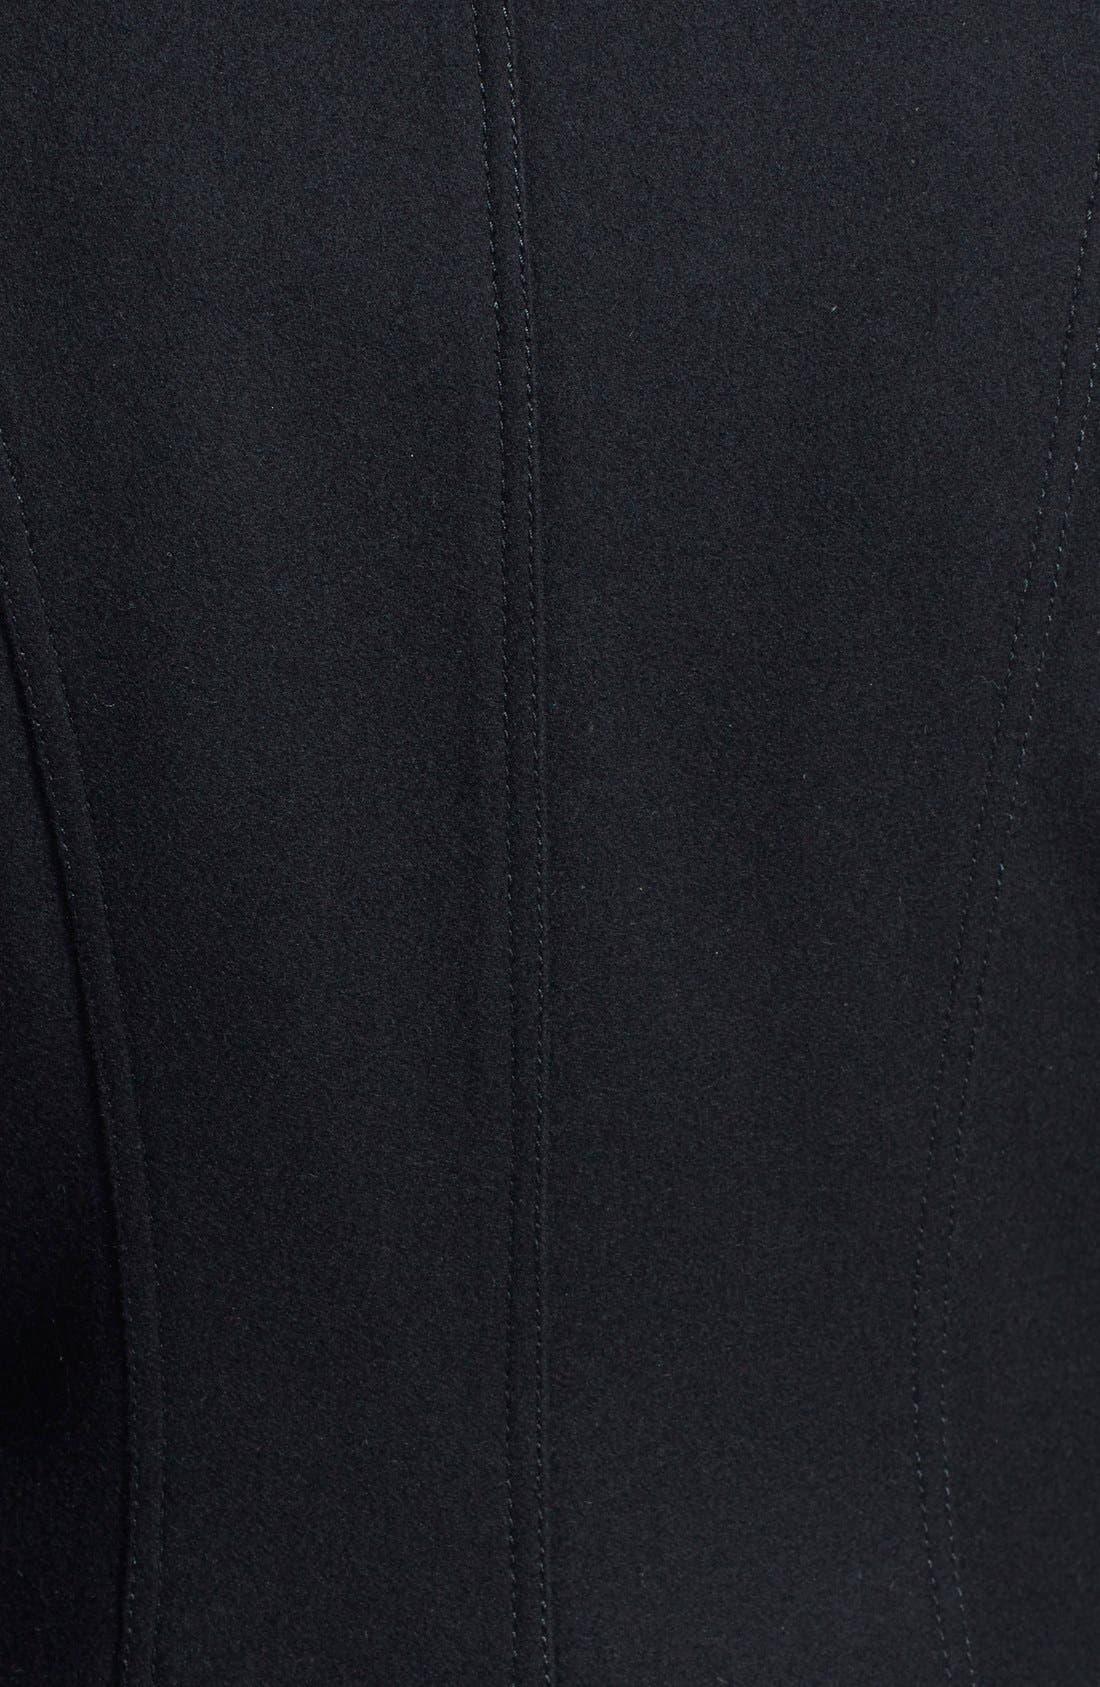 Skirted Wool Blend Coat,                             Alternate thumbnail 3, color,                             001